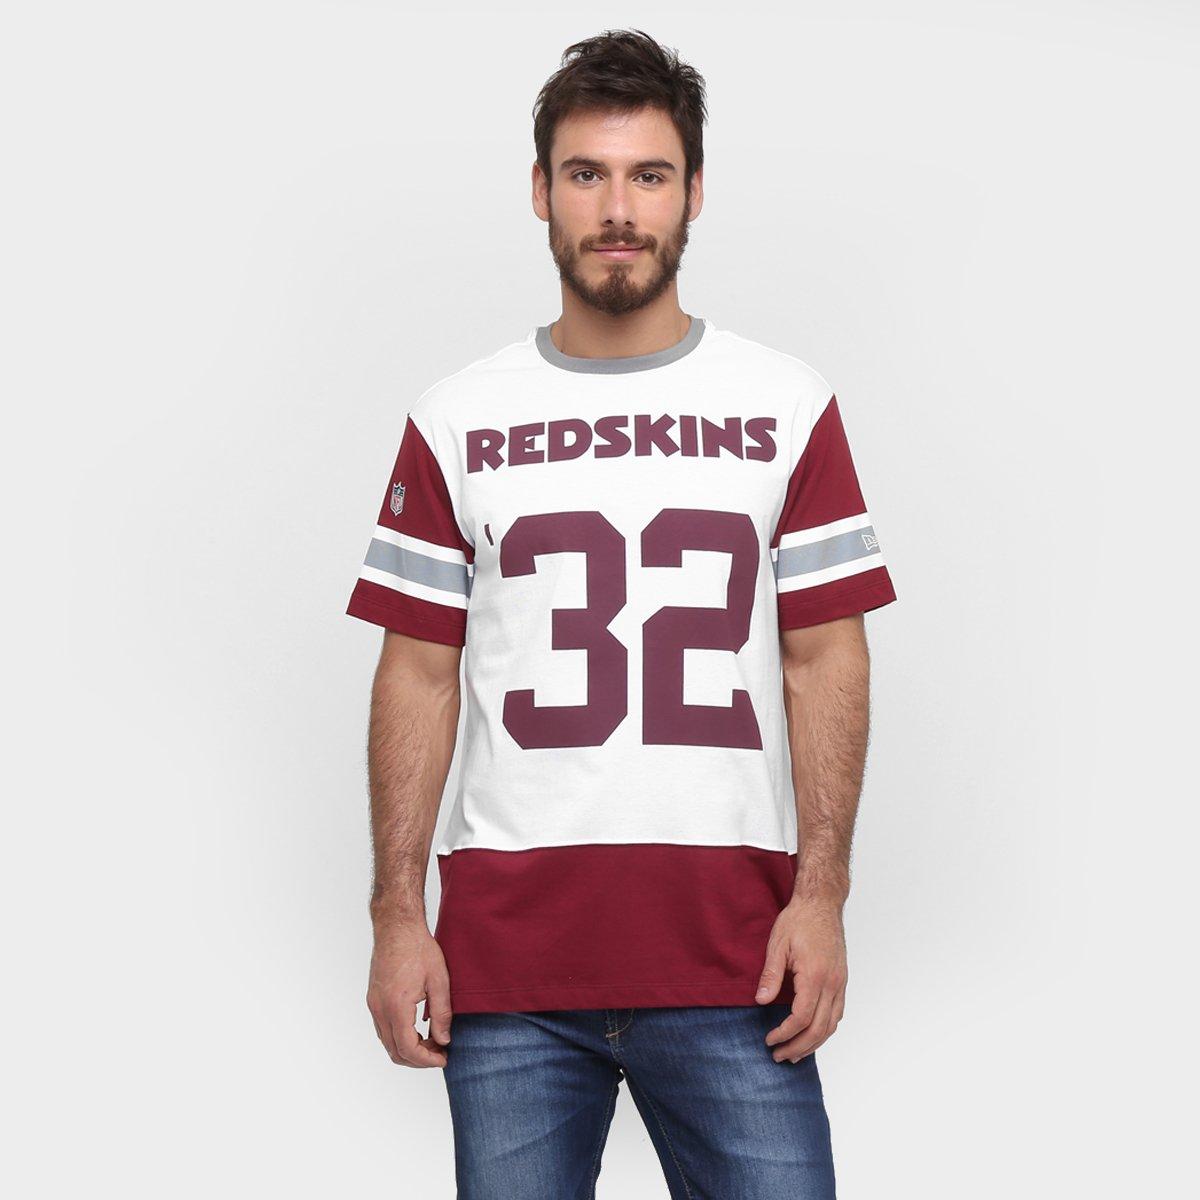 d0339a9cc Camiseta New Era NFL Long Date Washington Redskins - Compre Agora ...